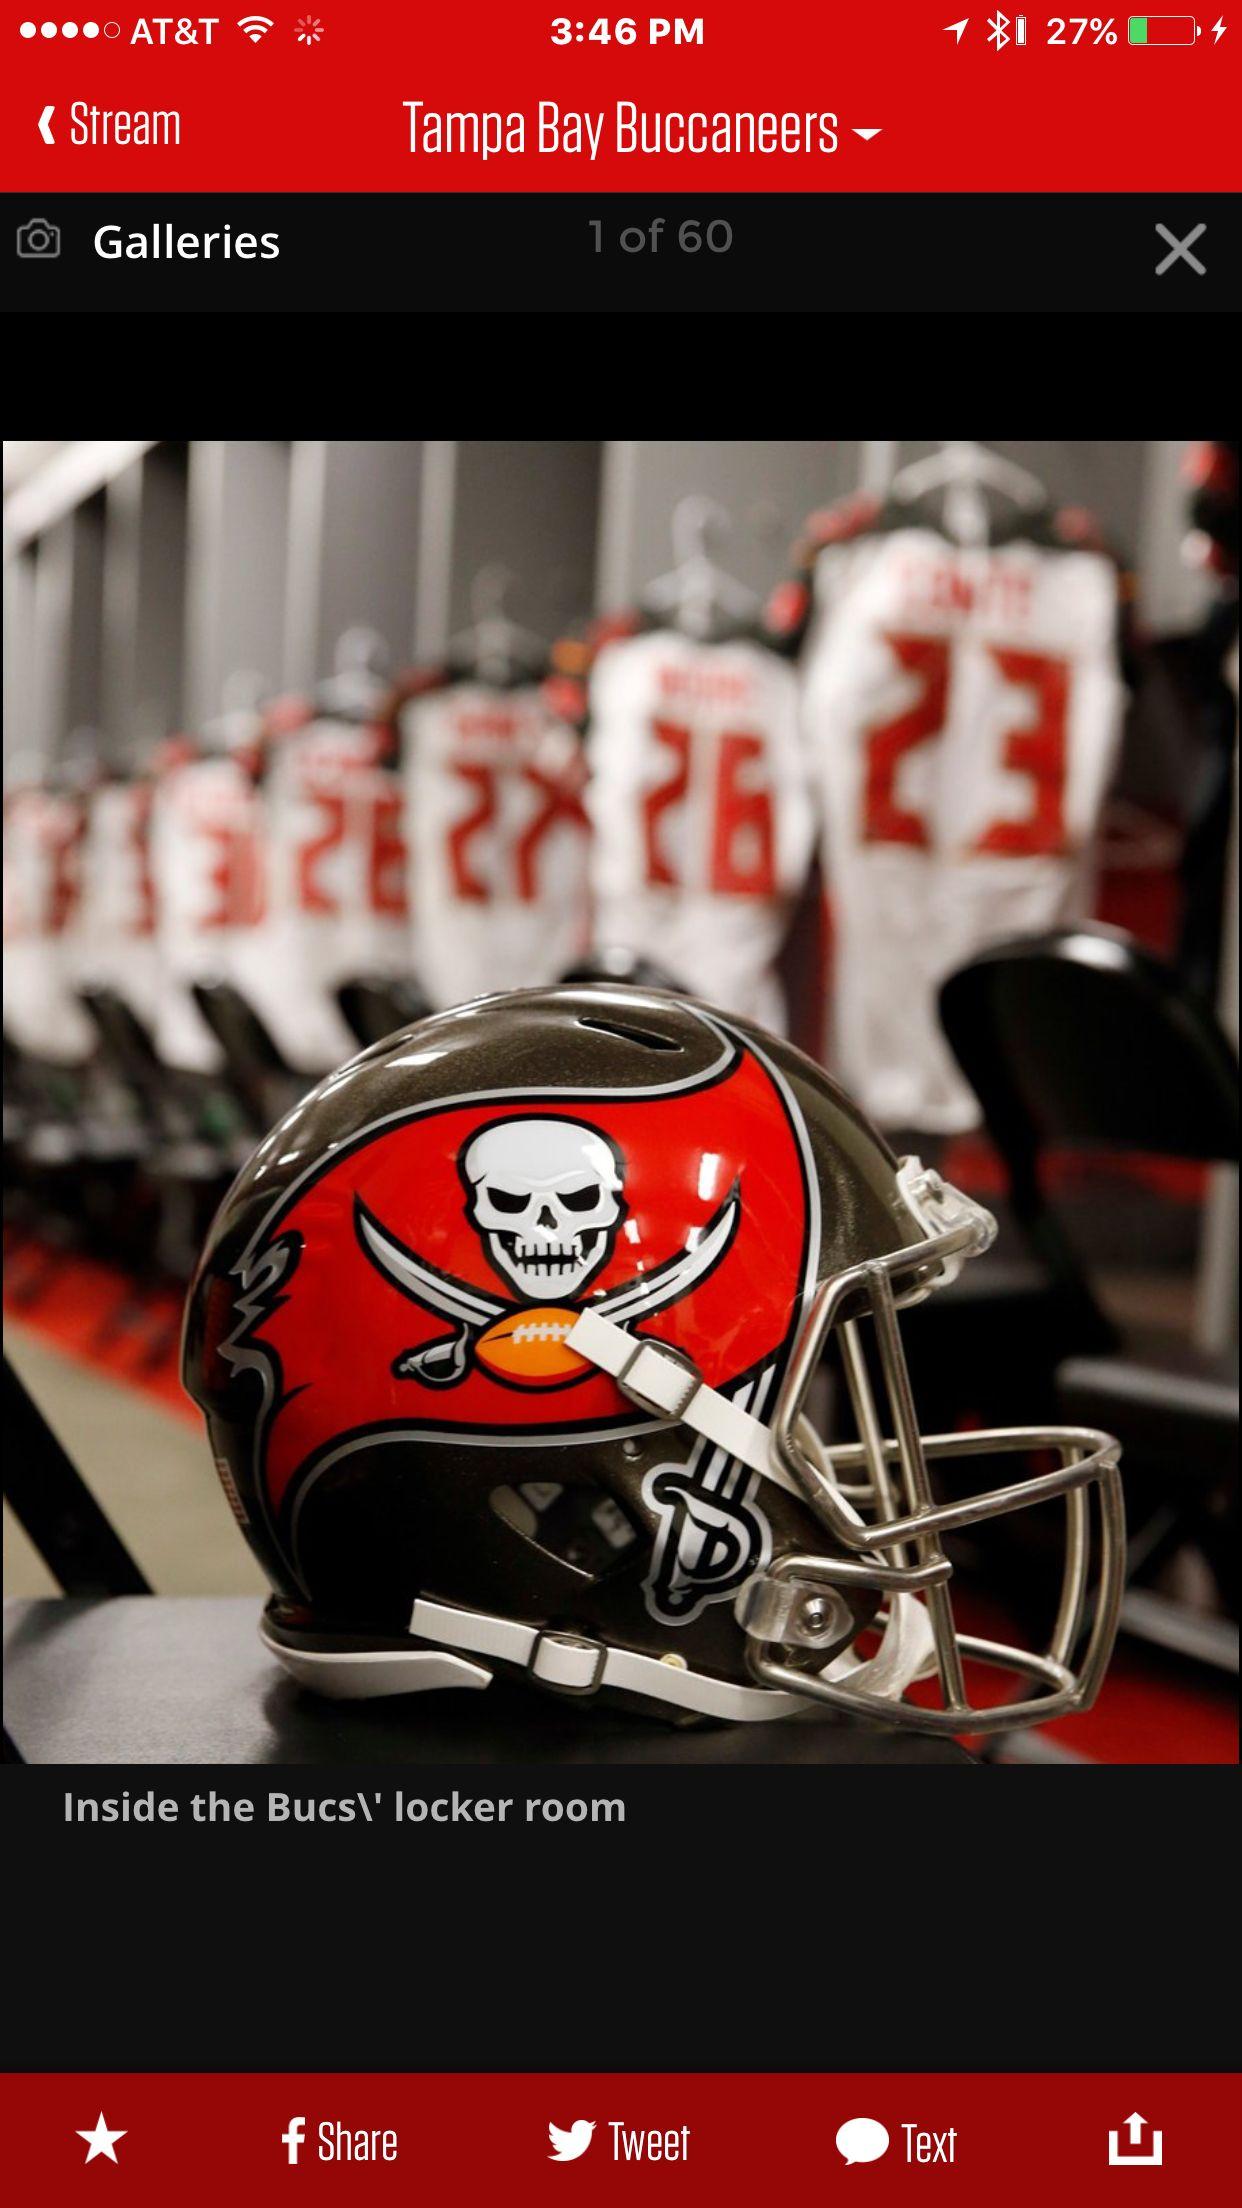 Pin by Michael Jones on My fav teams Football helmets